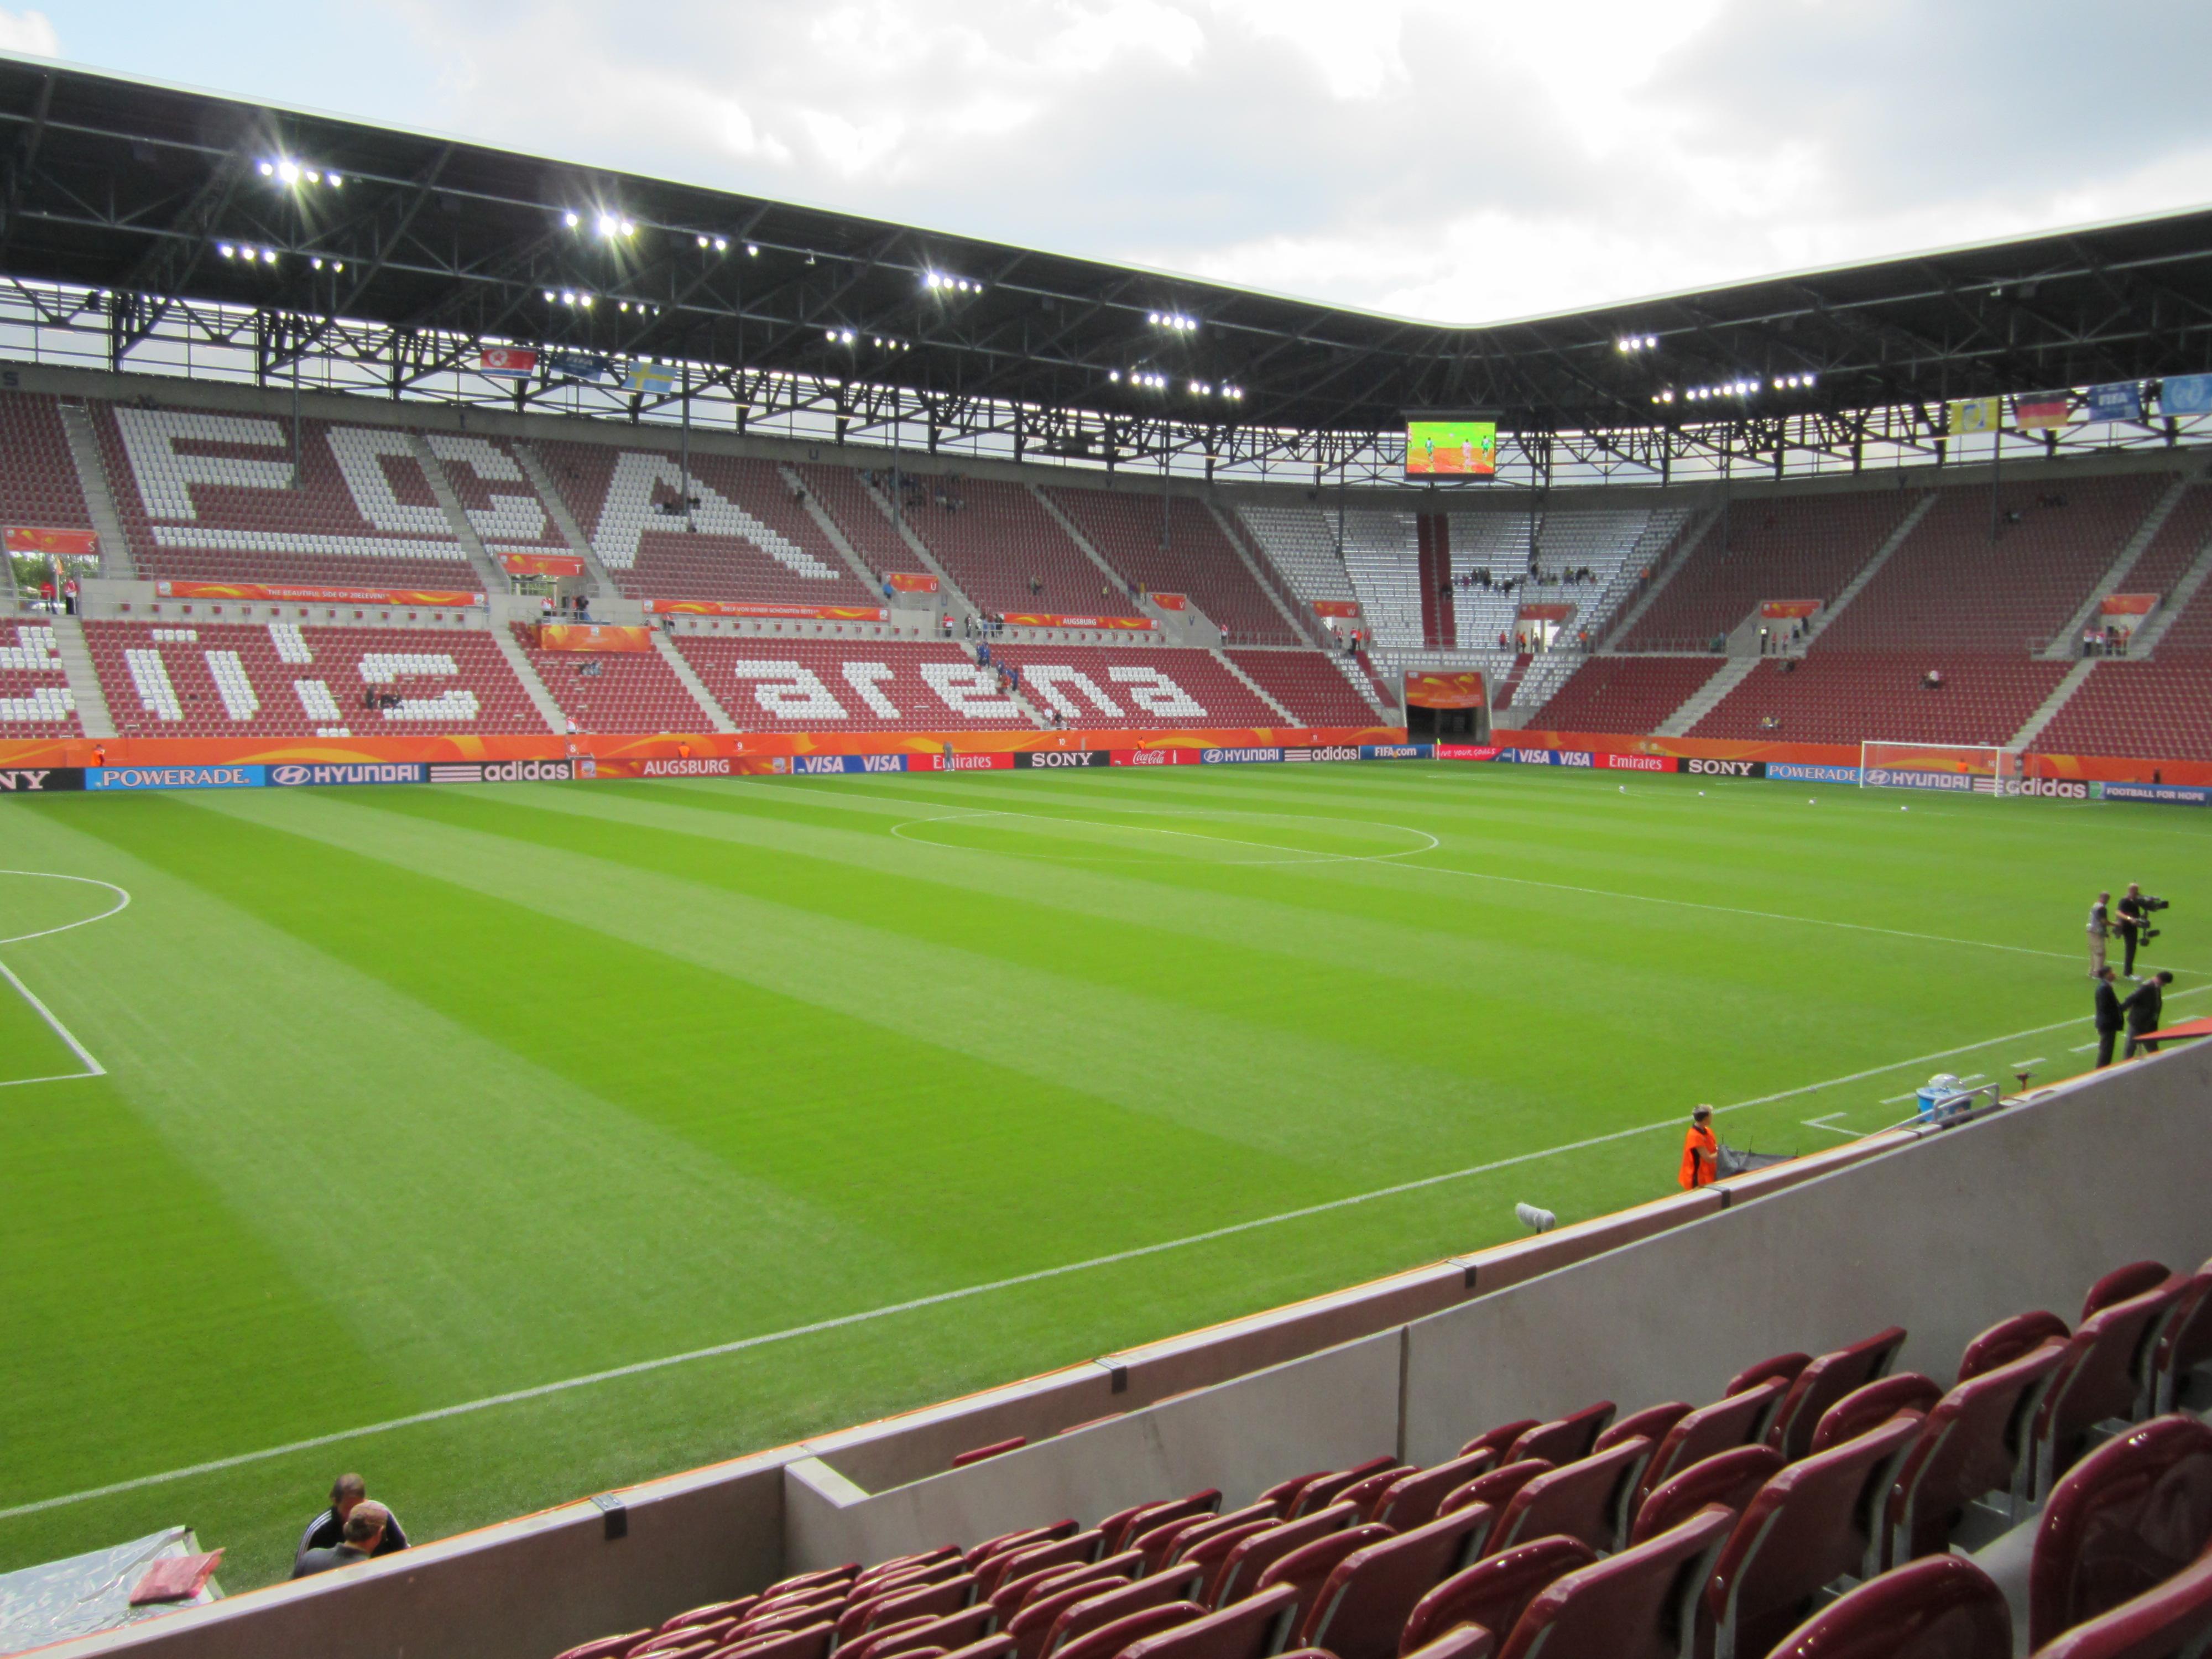 Impuls_Arena_Augsburg_2011